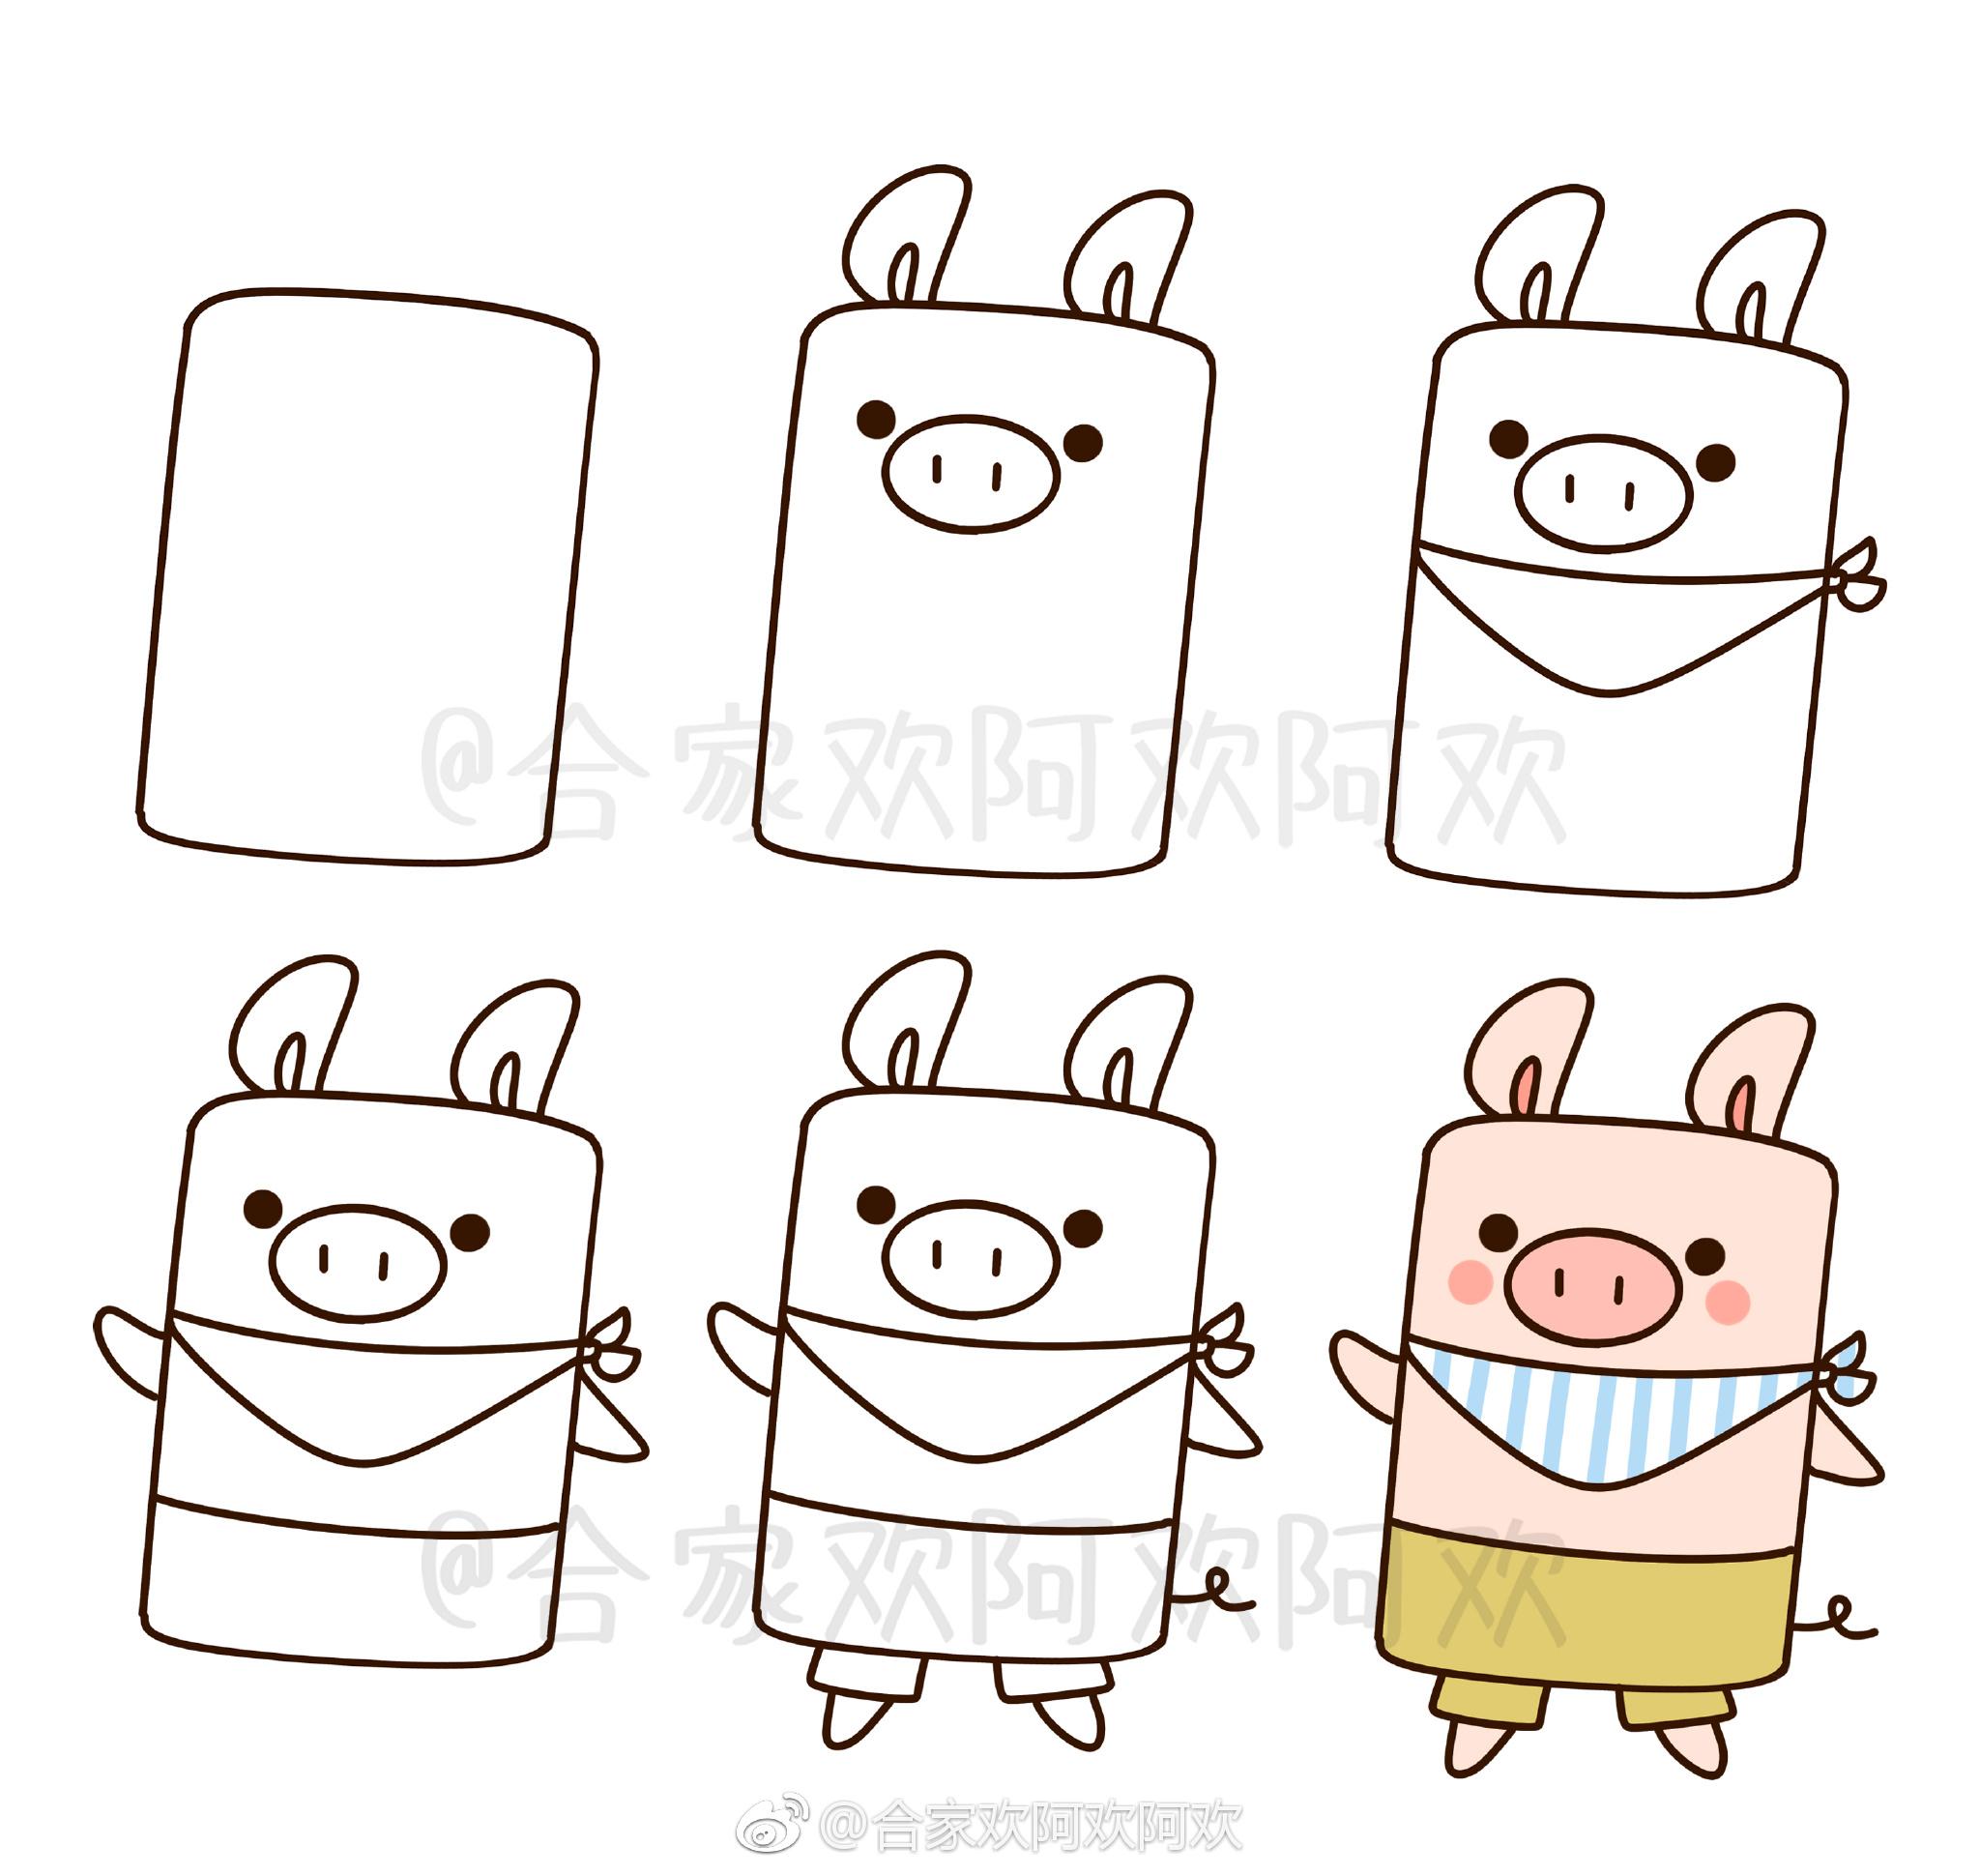 春游中萌萌小动物简笔画 陆地动物 千千简笔画